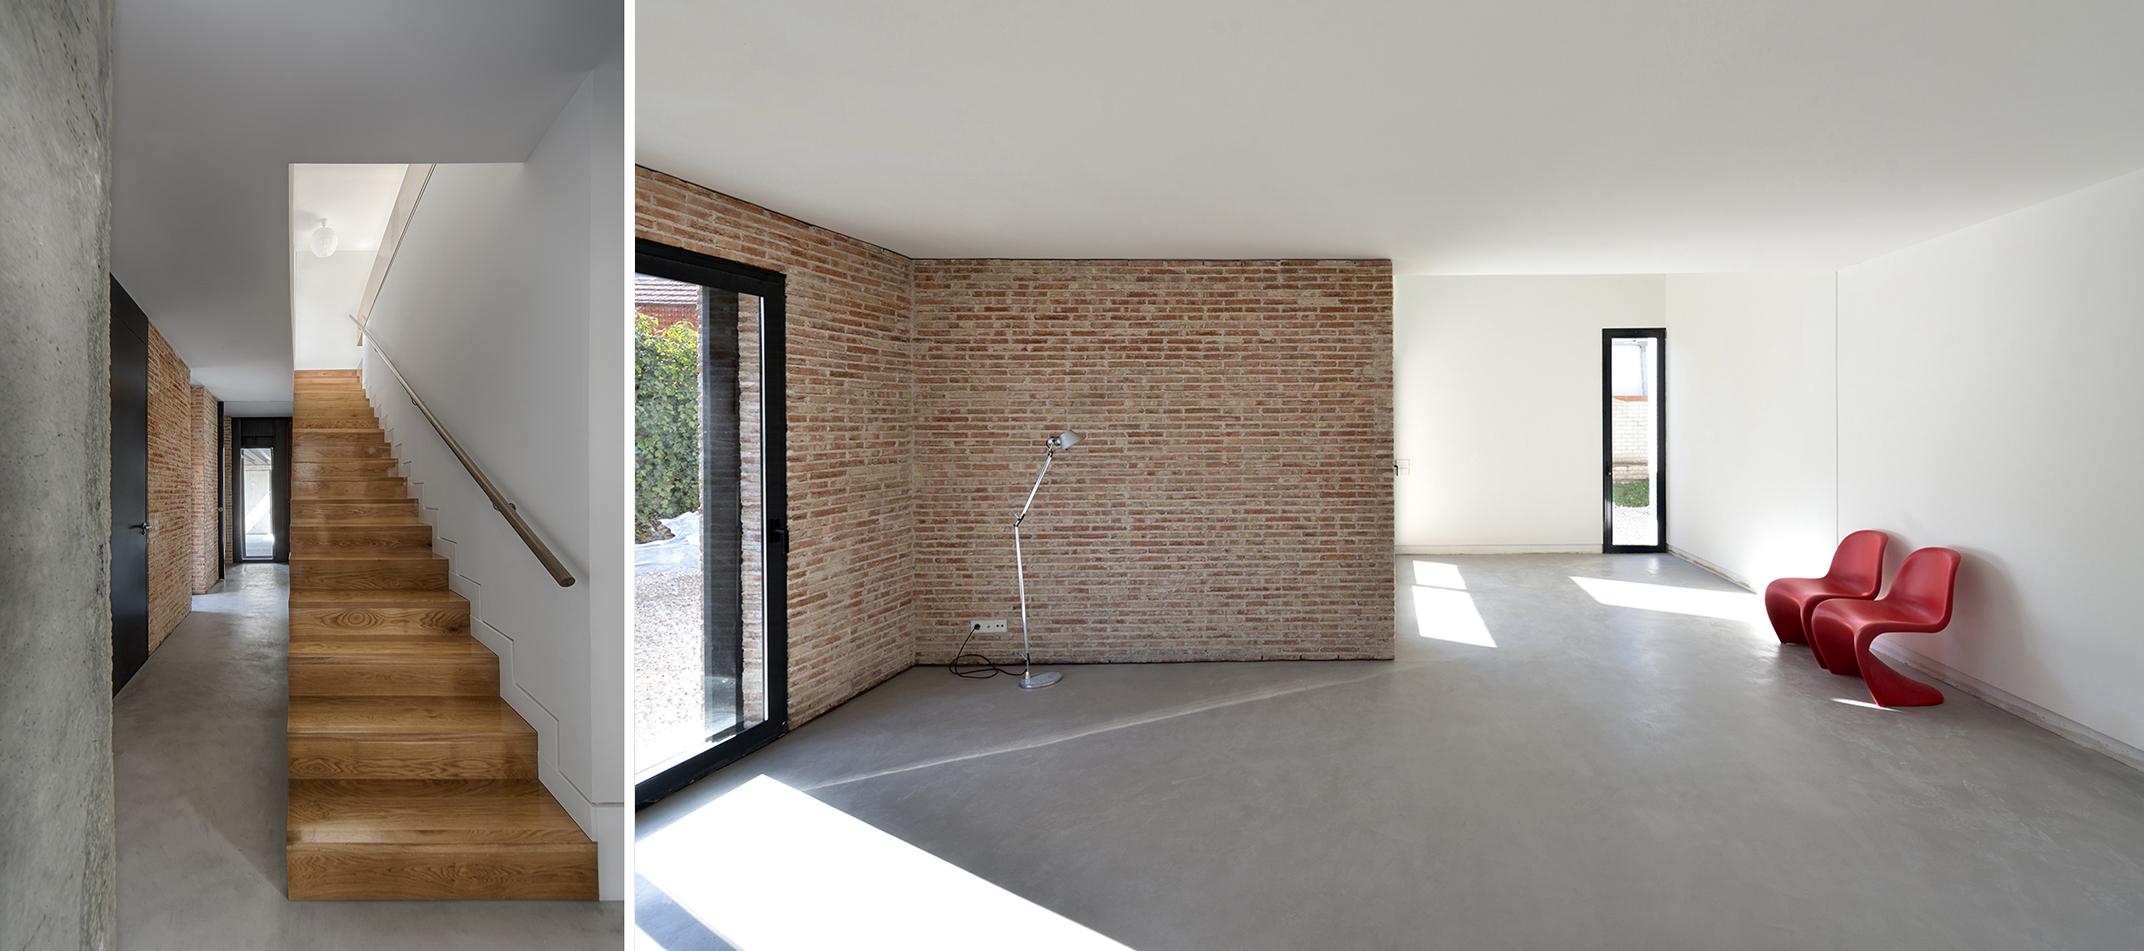 ia_house LANDÍNEZ+REY arquitectos [eL2Gaa]